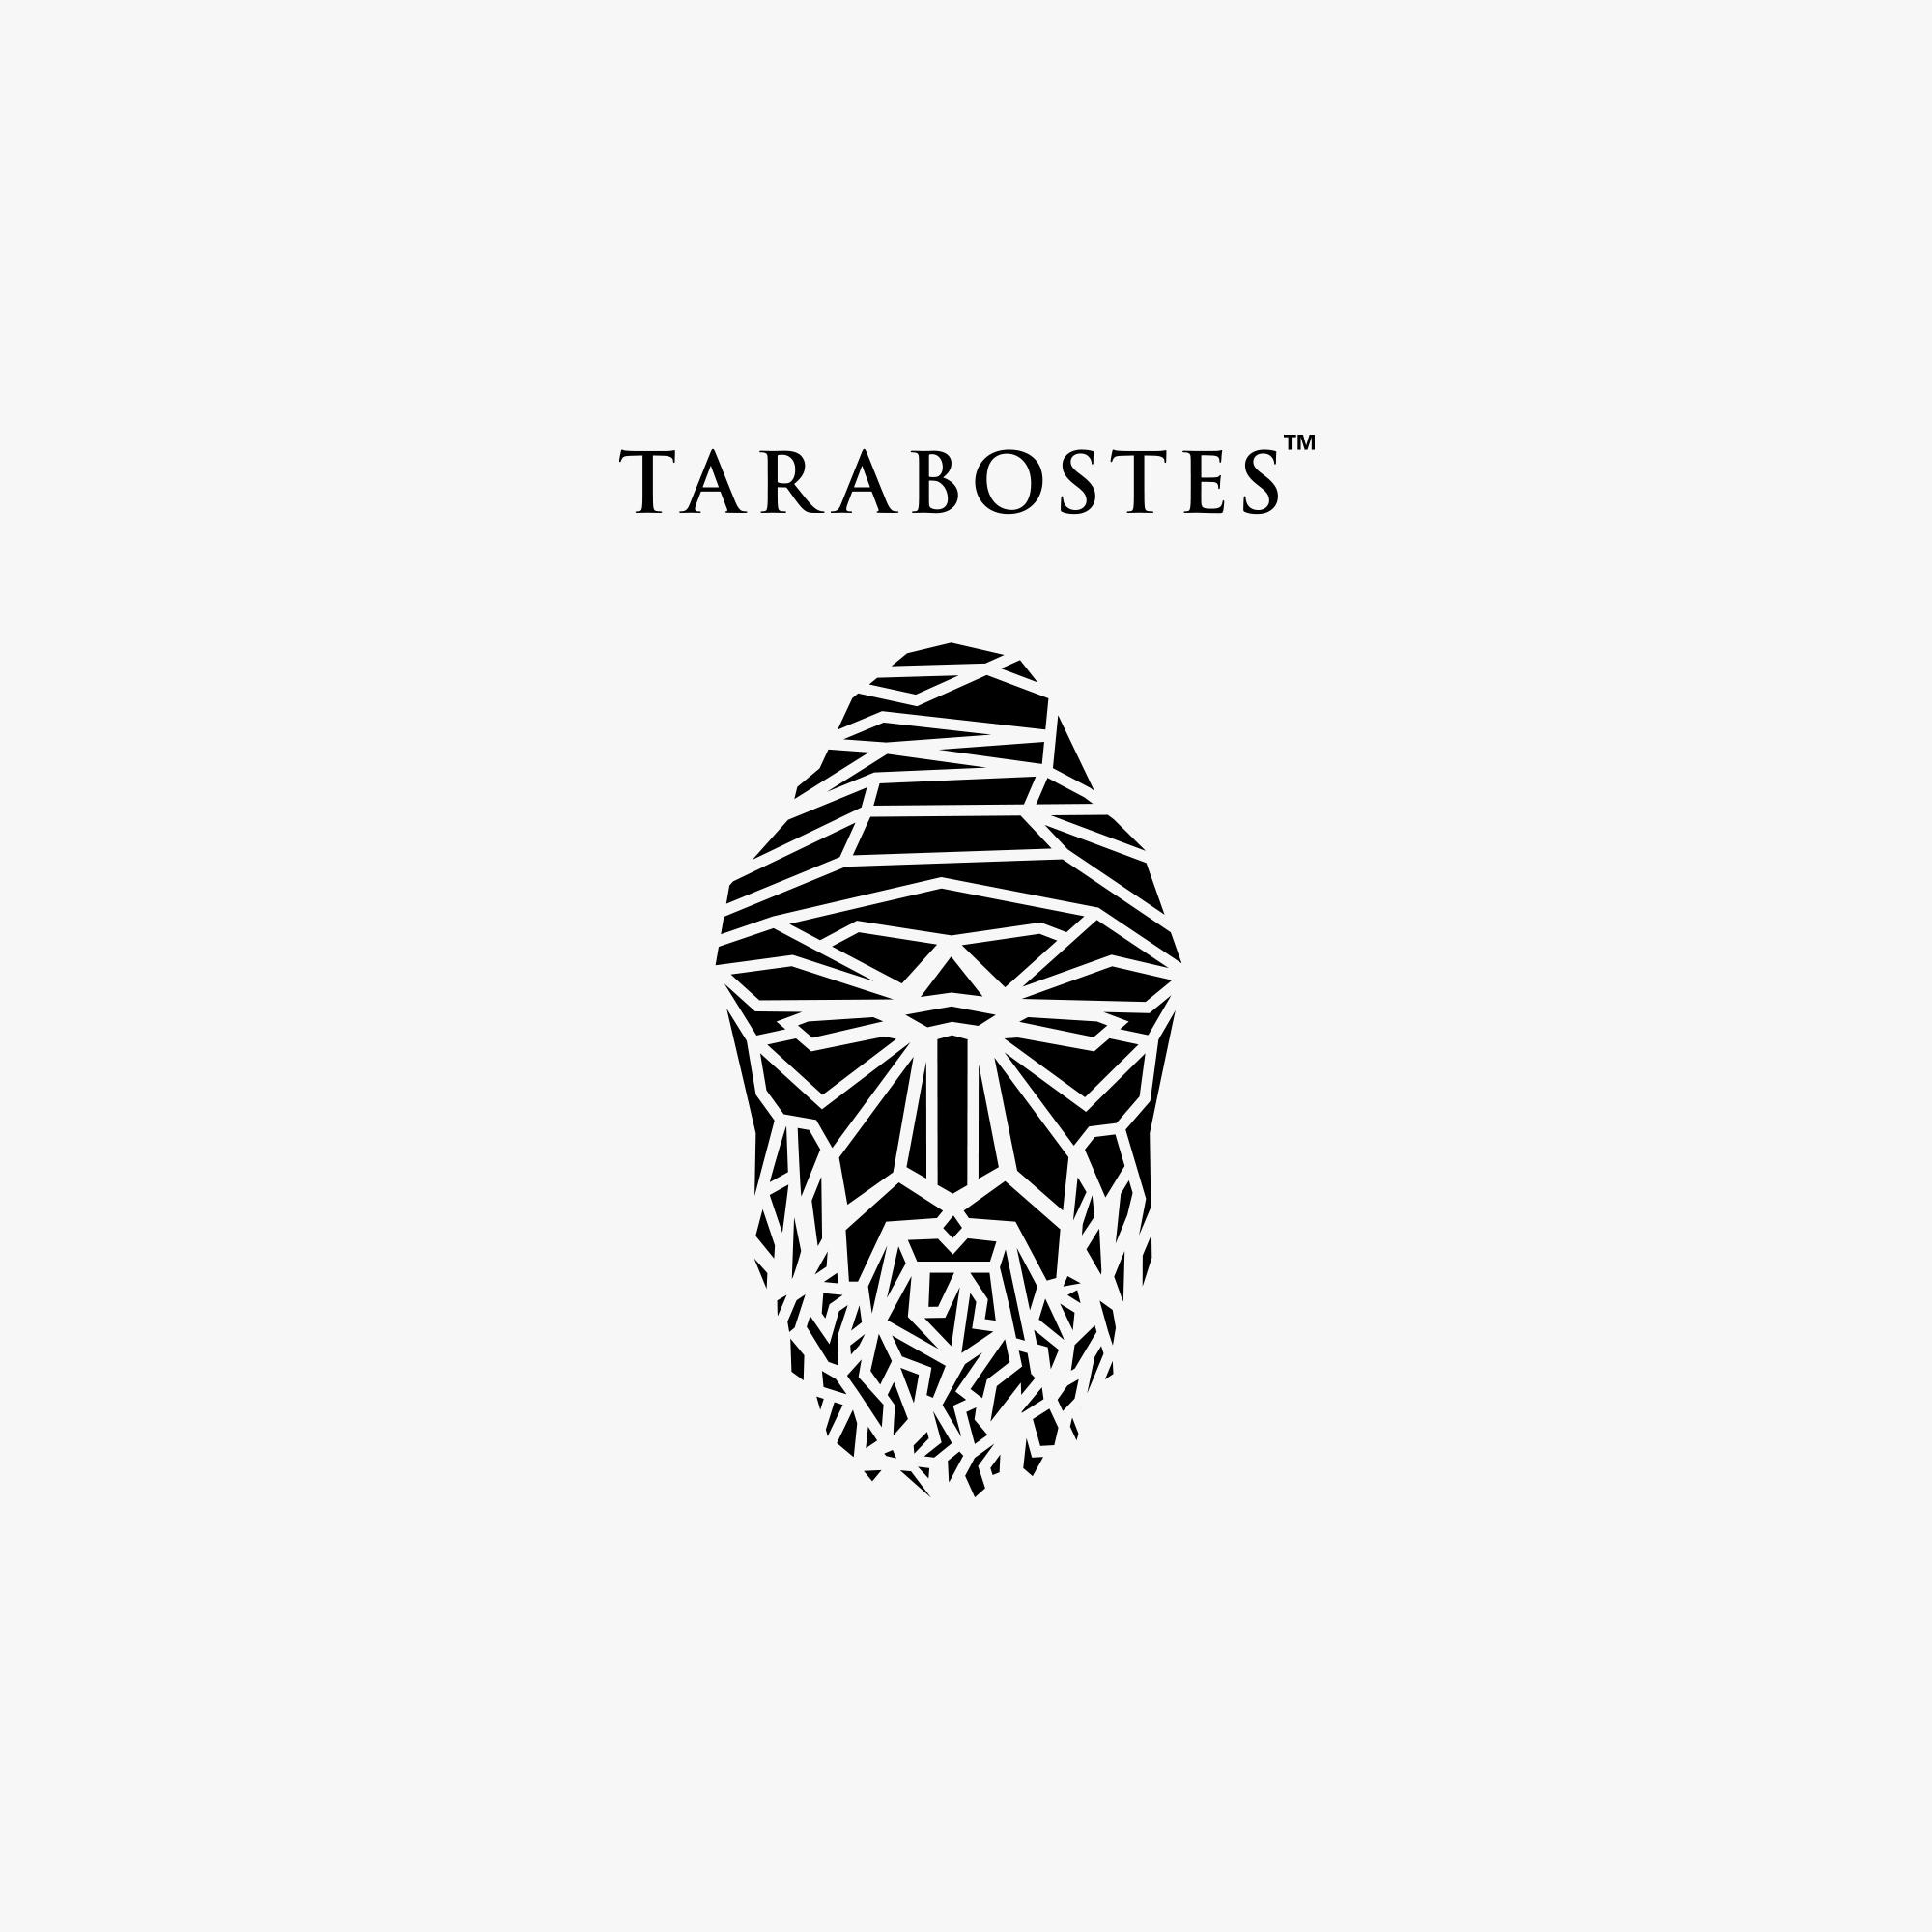 pauldersidan_tarabostes_logo_1.jpg